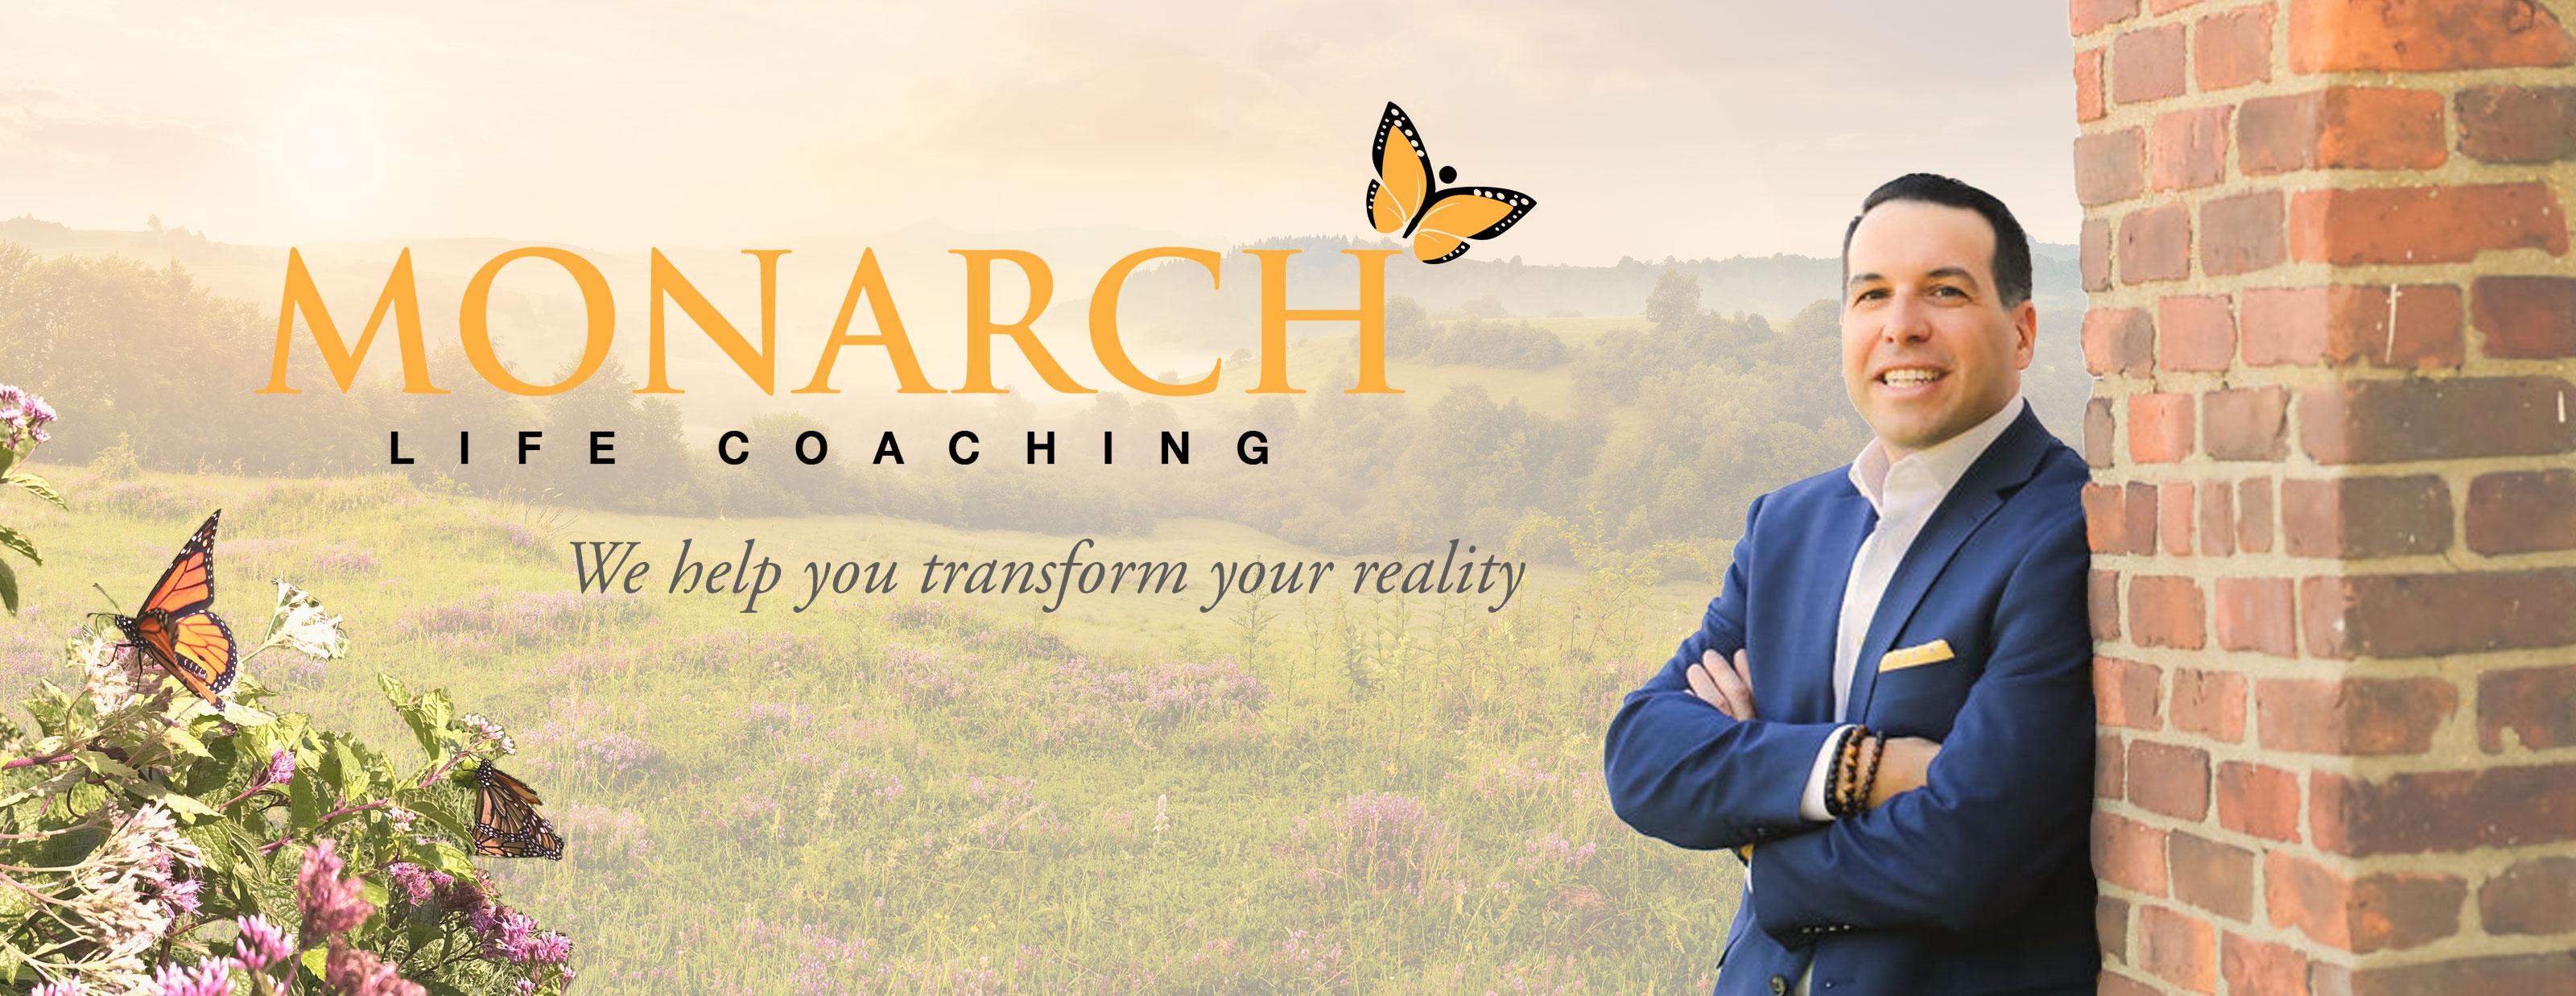 Monarch Life Coaching Tom Marino Life Coach | Transform your reality